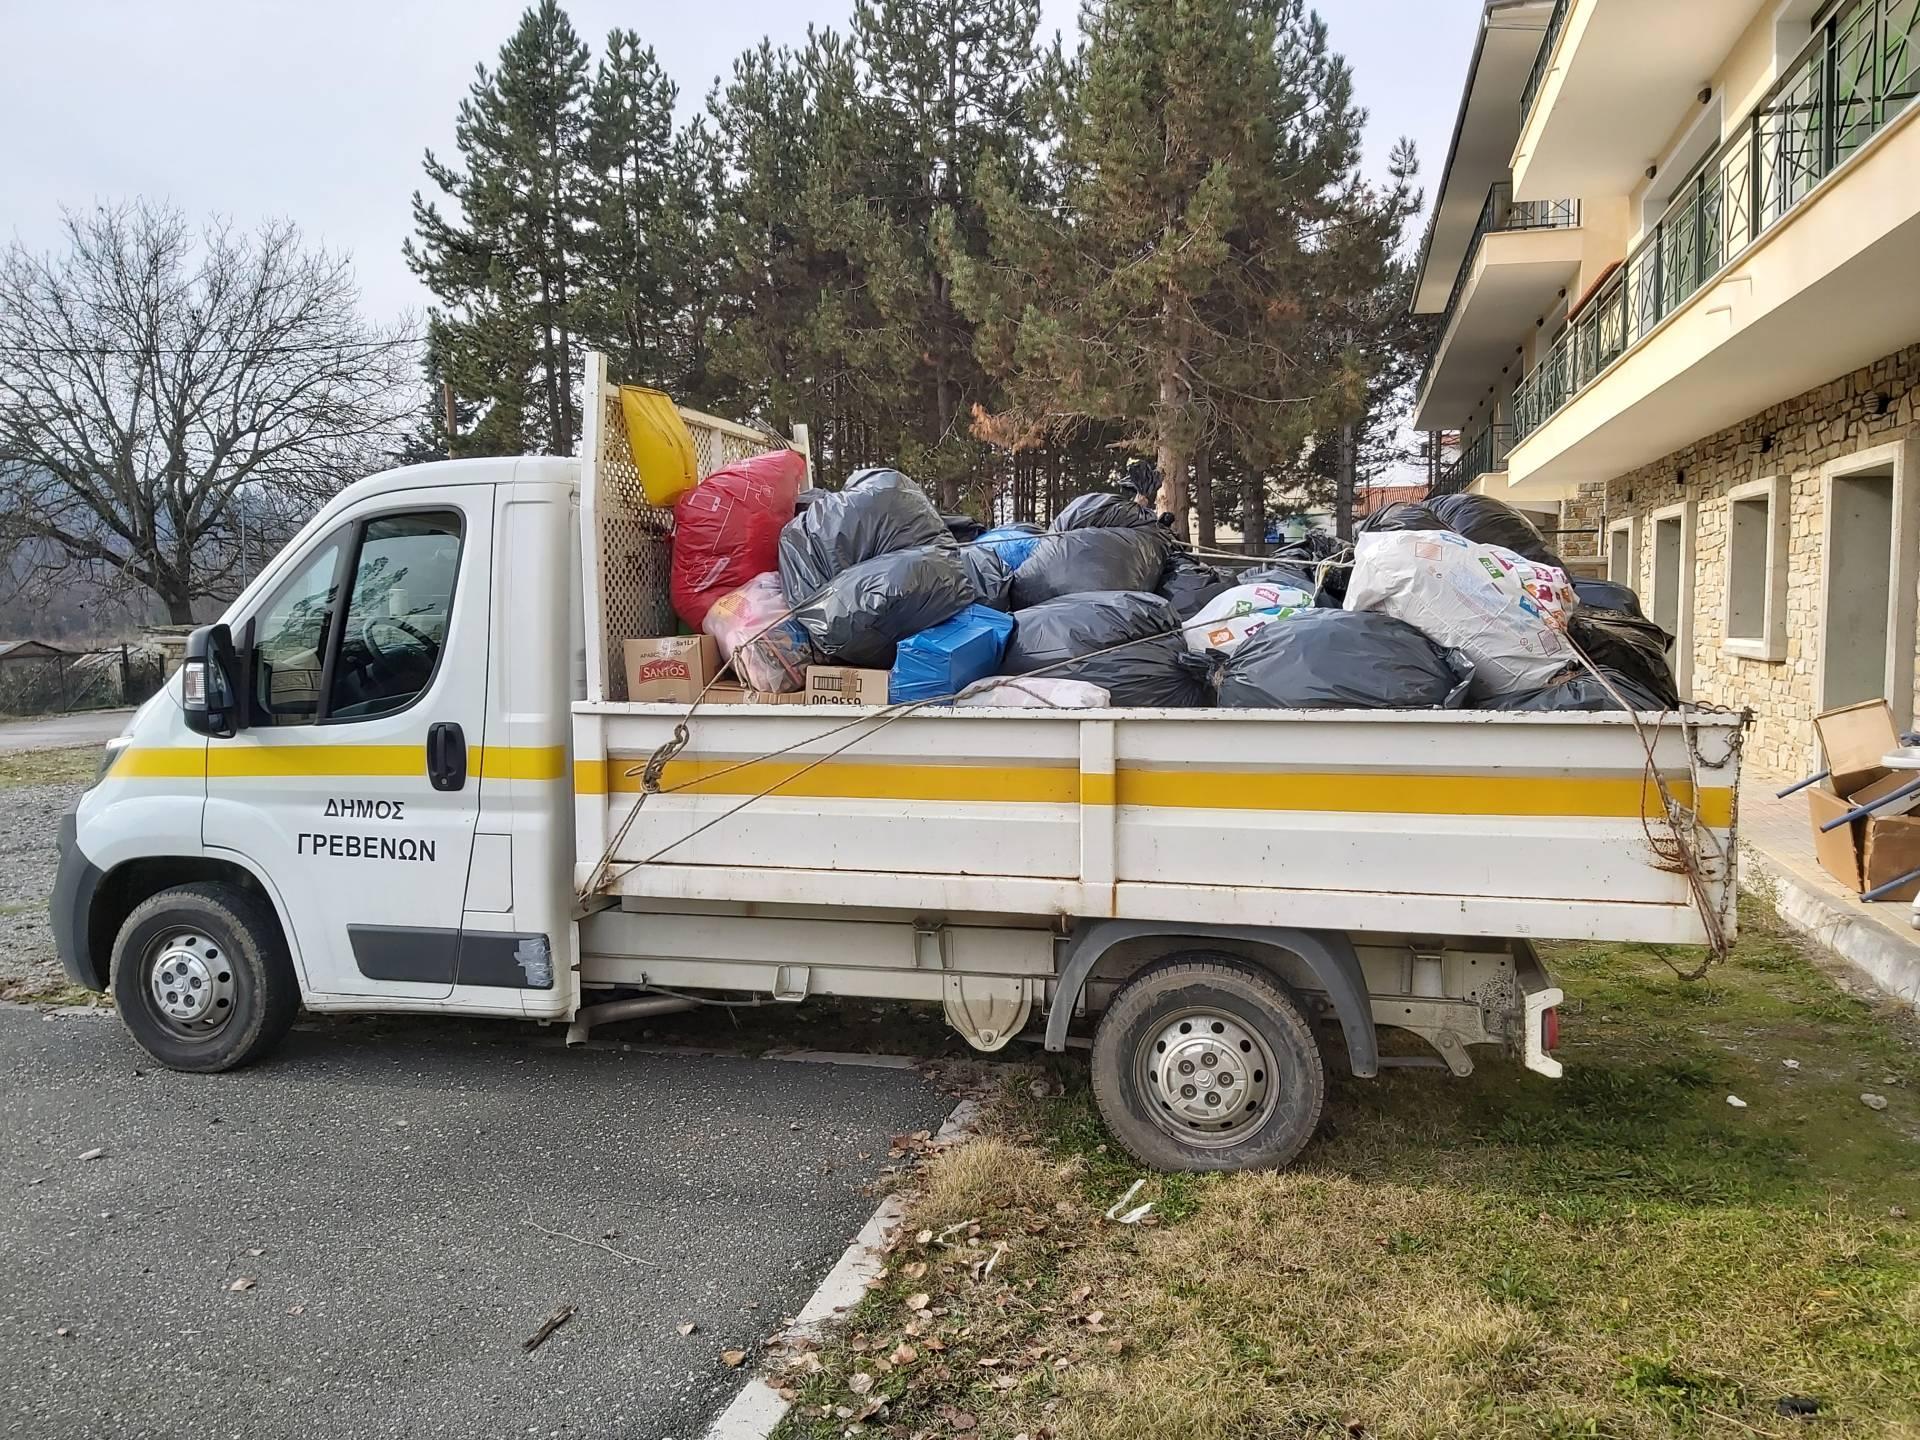 Ανθρωπιστική βοήθεια με είδη ένδυσης για τους πληγέντες της Αλβανίας